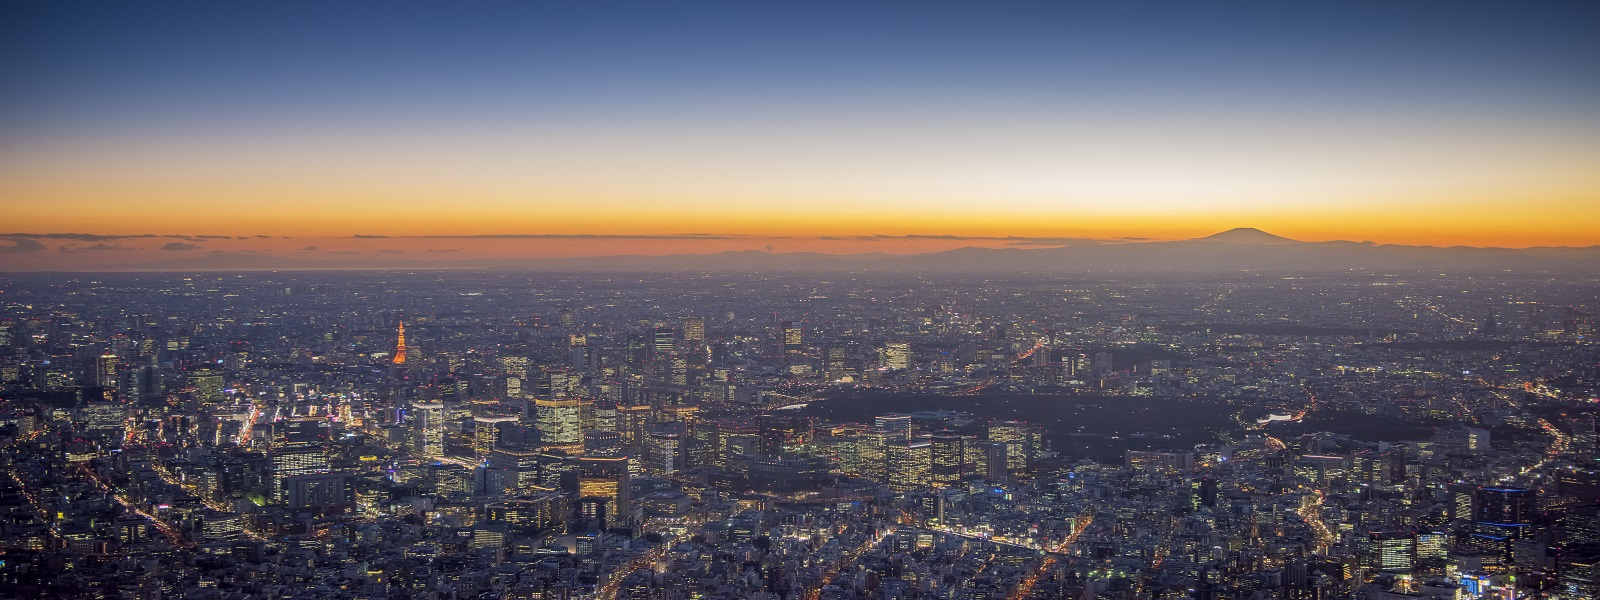 東京夕暮れの上空図